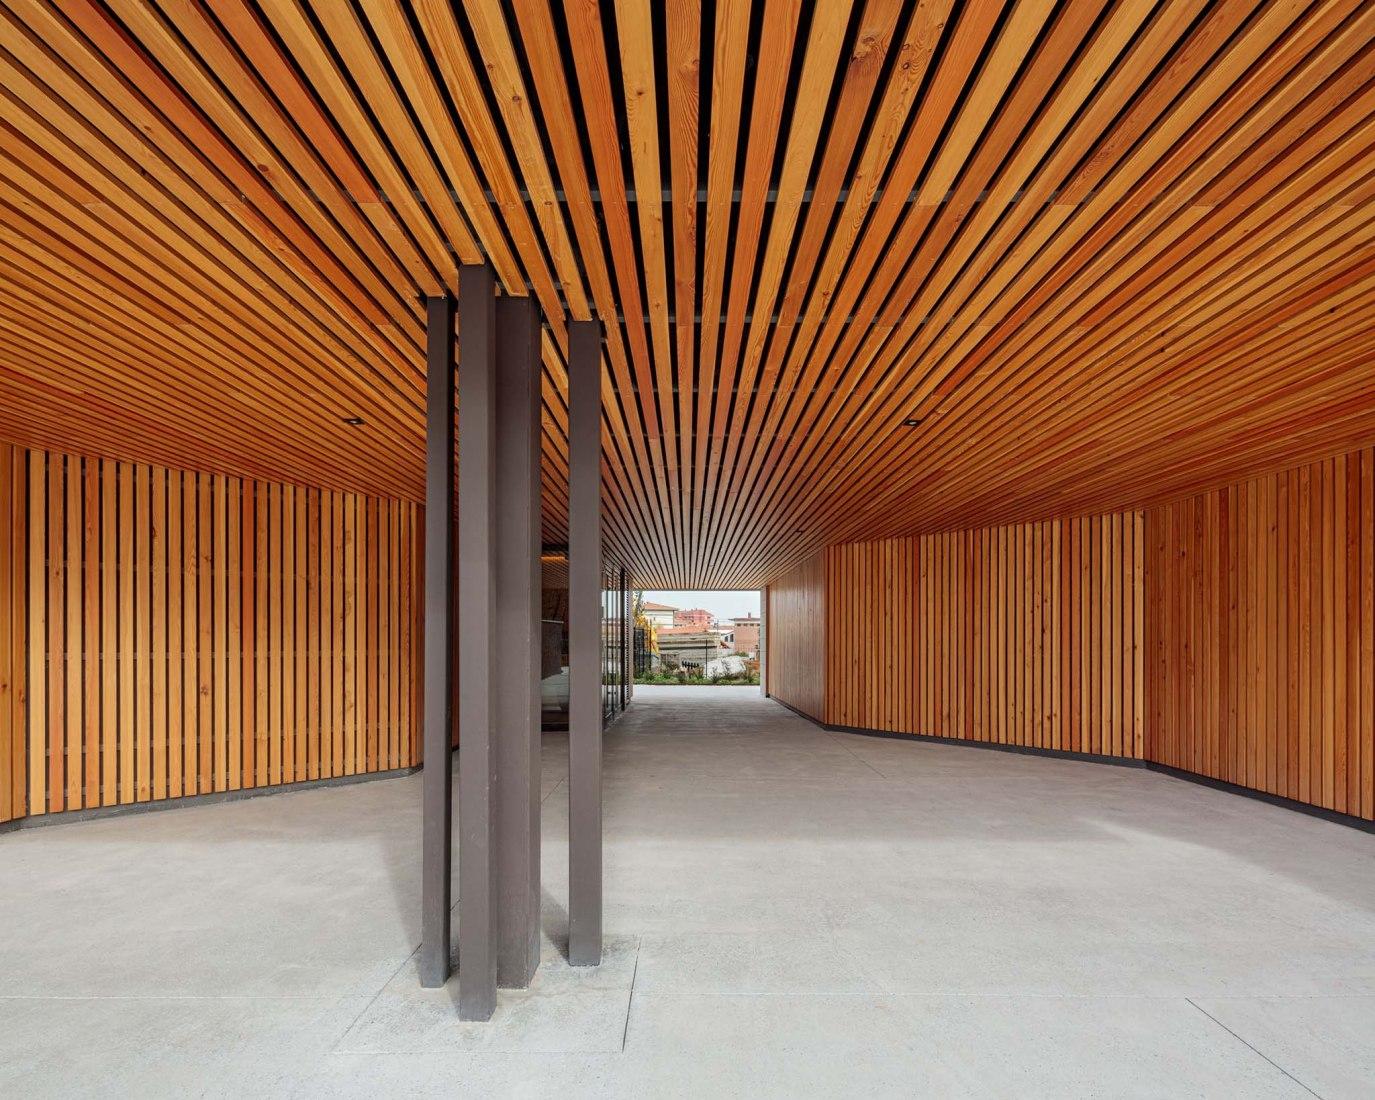 TX - Arin por UR arquitectura. Fotografía por Aitor Estévez Olaizola.